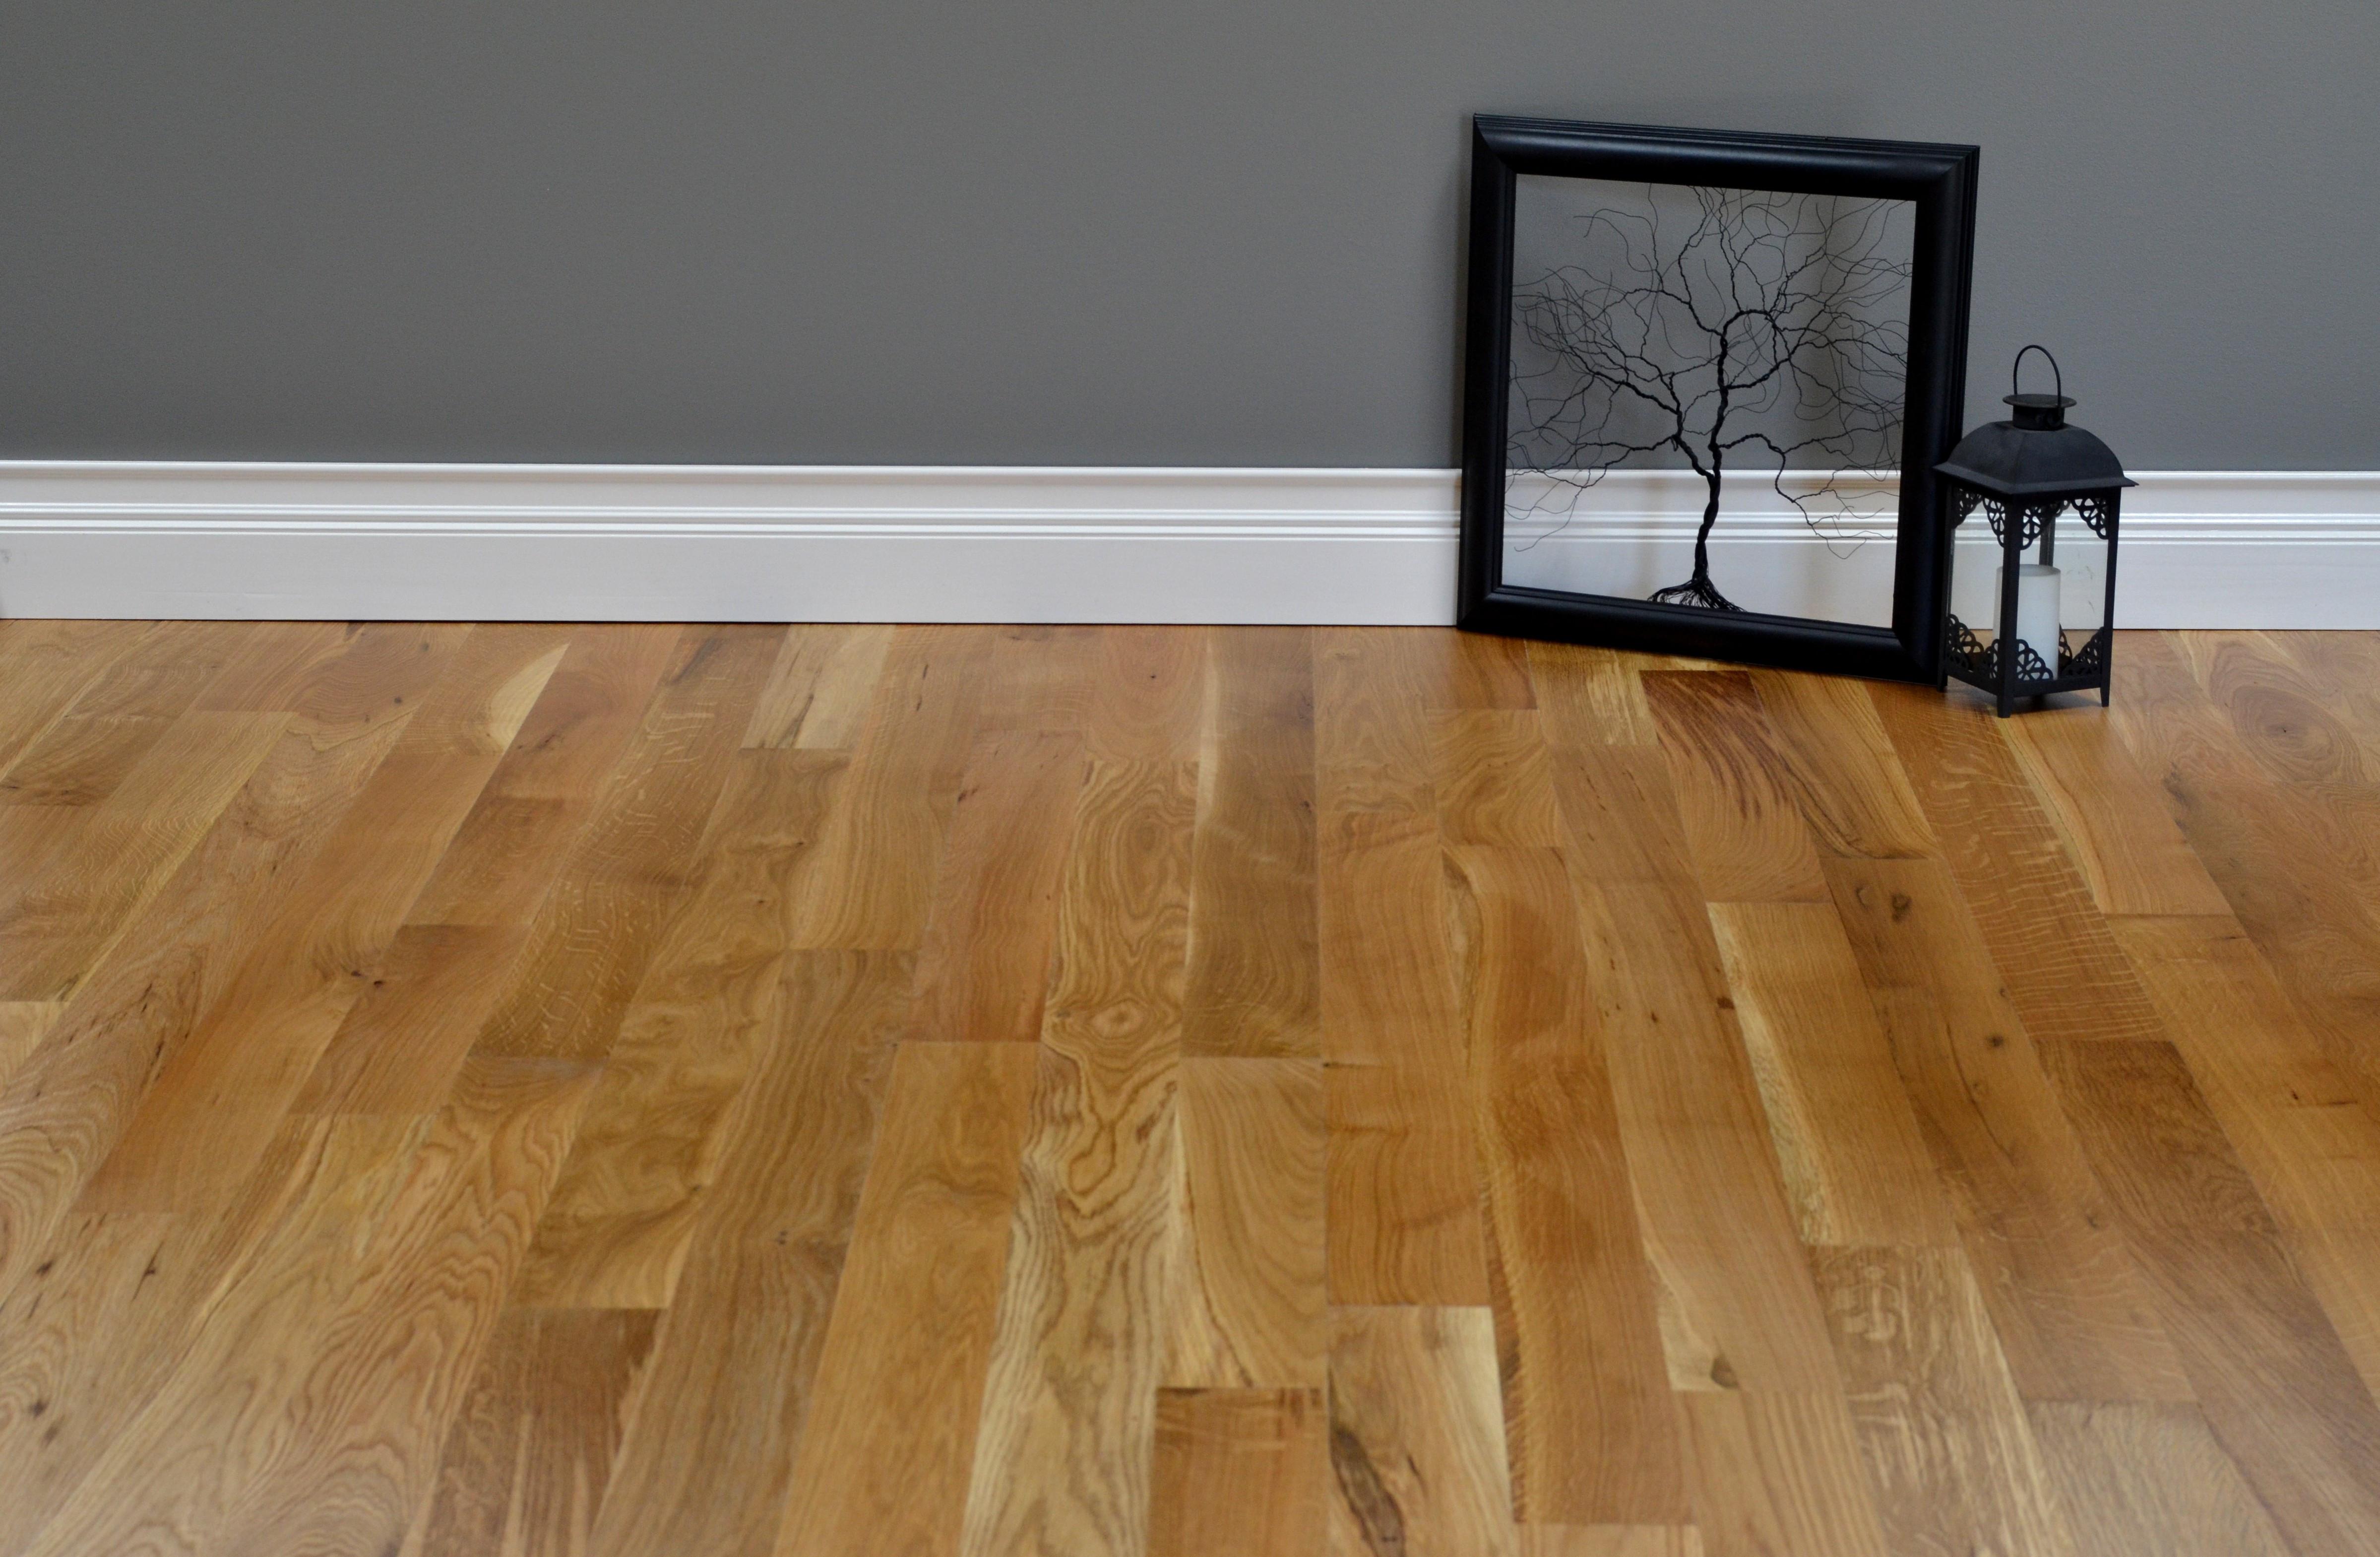 15 Stylish Bruce Oak Saddle Hardwood Flooring 2021 free download bruce oak saddle hardwood flooring of 15 elegant white oak hardwood flooring pictures dizpos com in white oak hardwood flooring inspirational 1 mon white oak lacrosse flooring gallery of 15